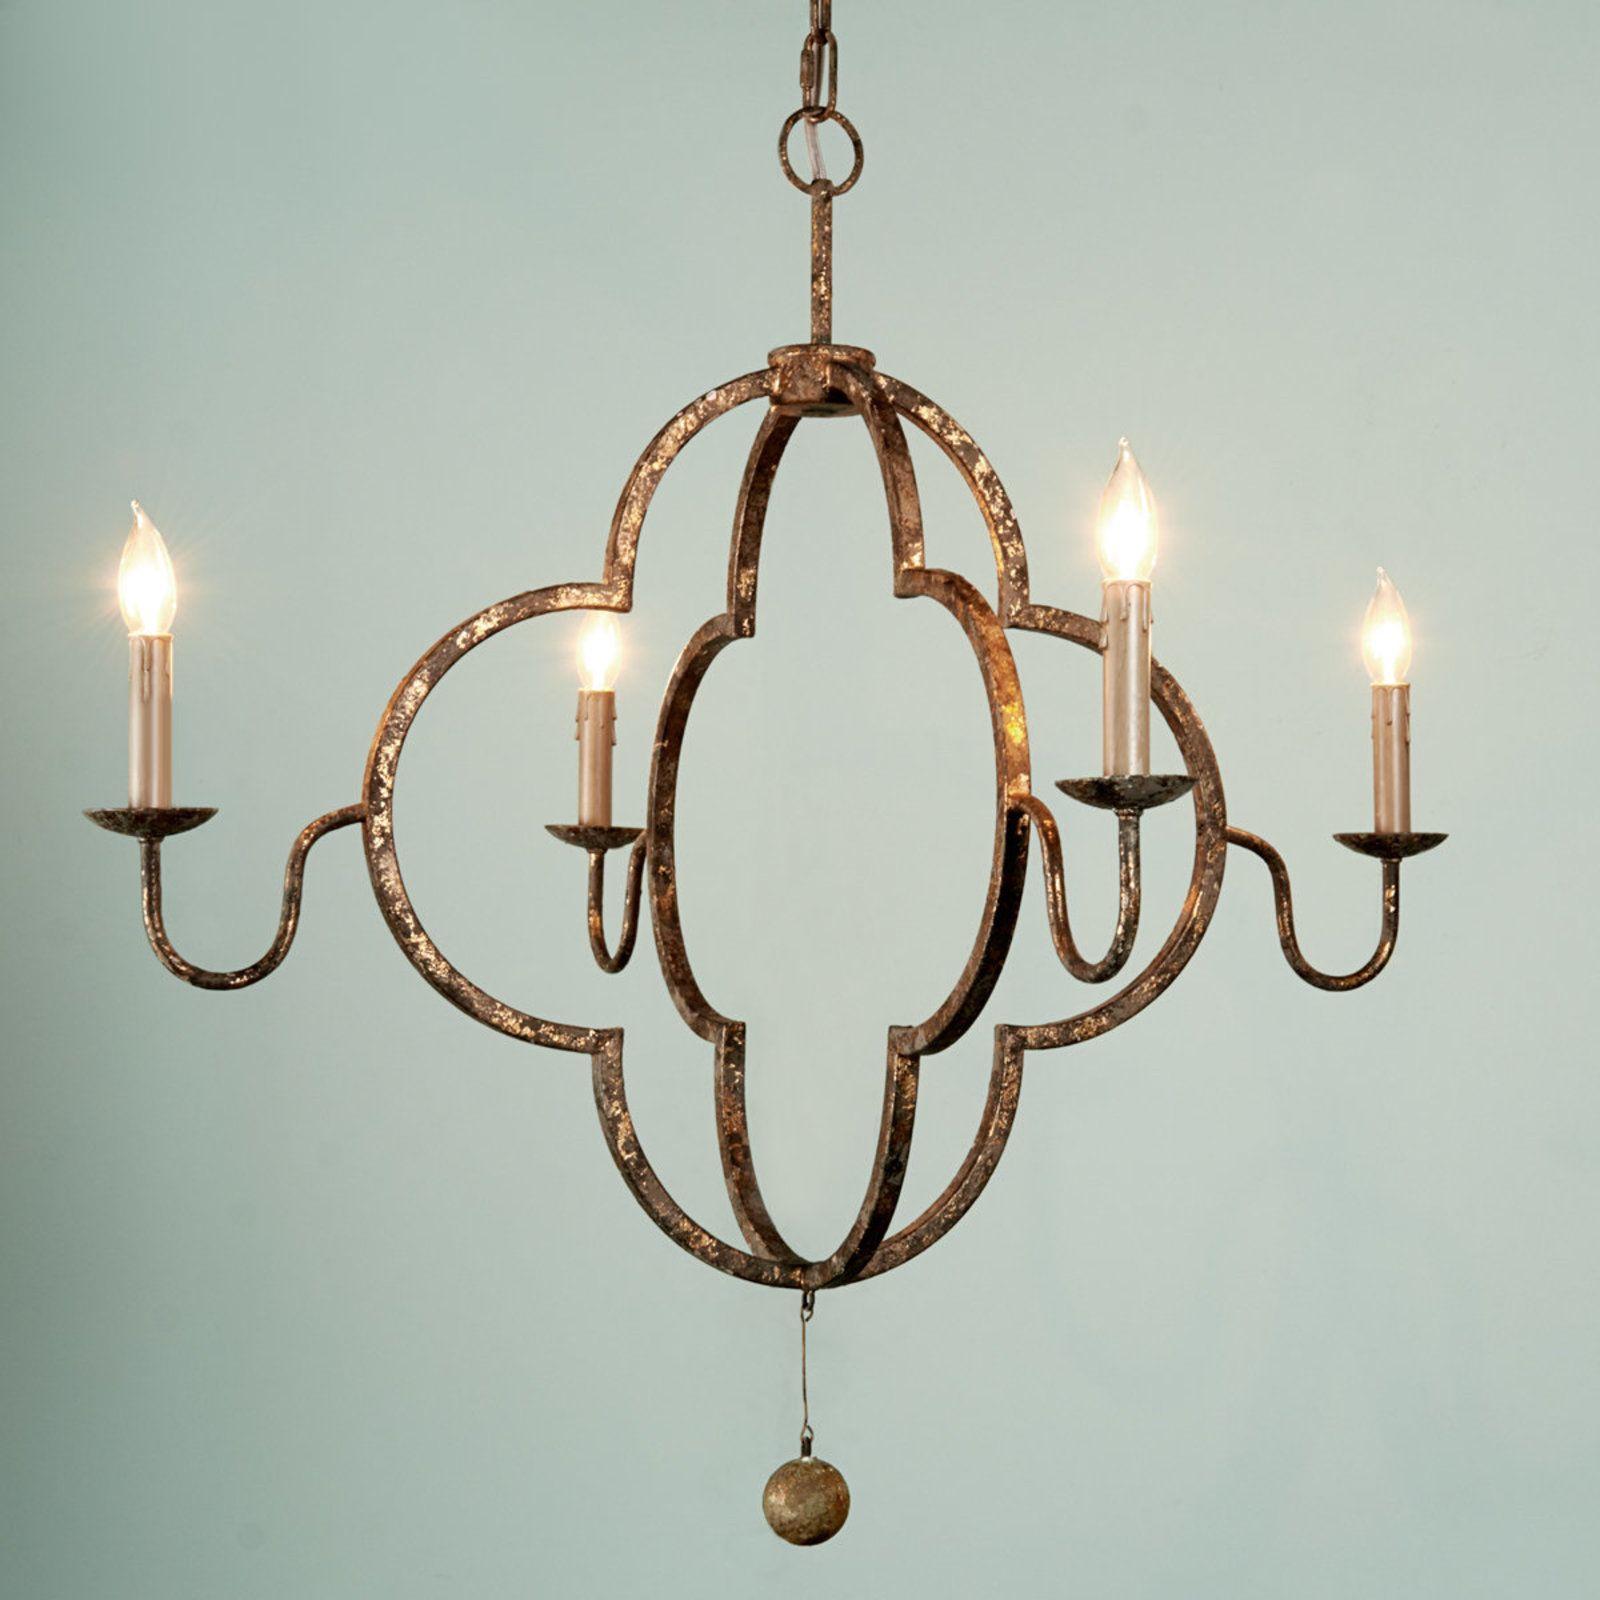 Double quatrefoil chandelier quatrefoil chandeliers and iron double quatrefoil chandelier arubaitofo Choice Image